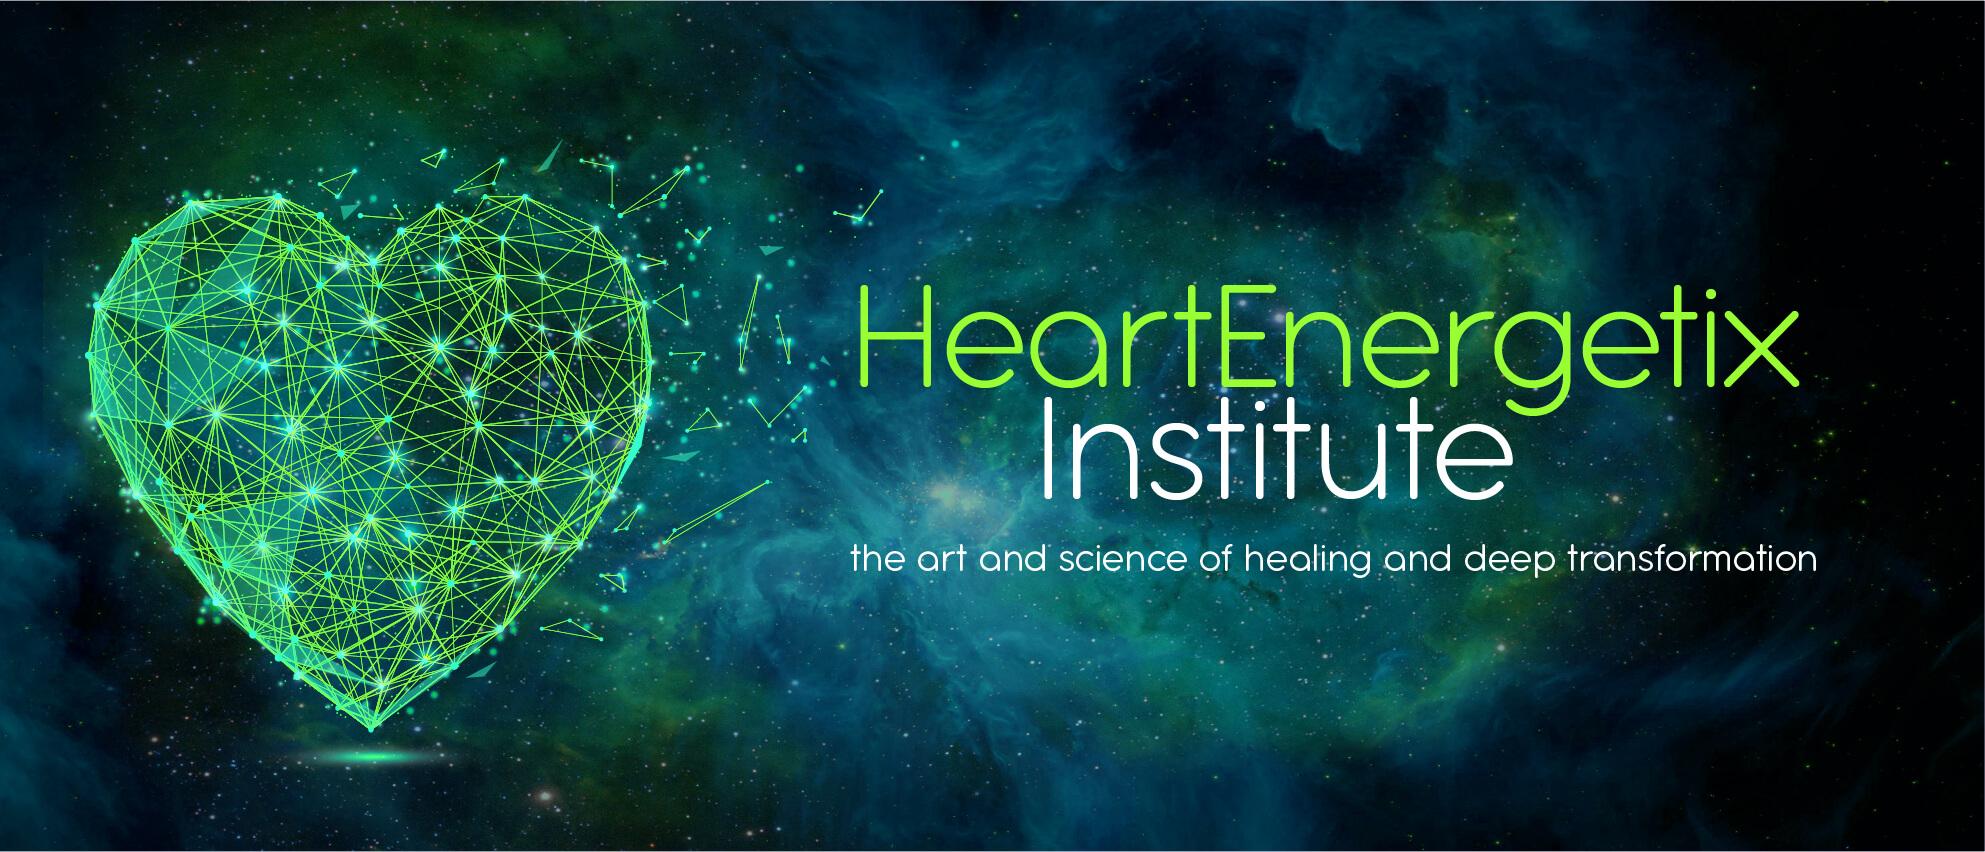 Home - HeartEnergetix Institute